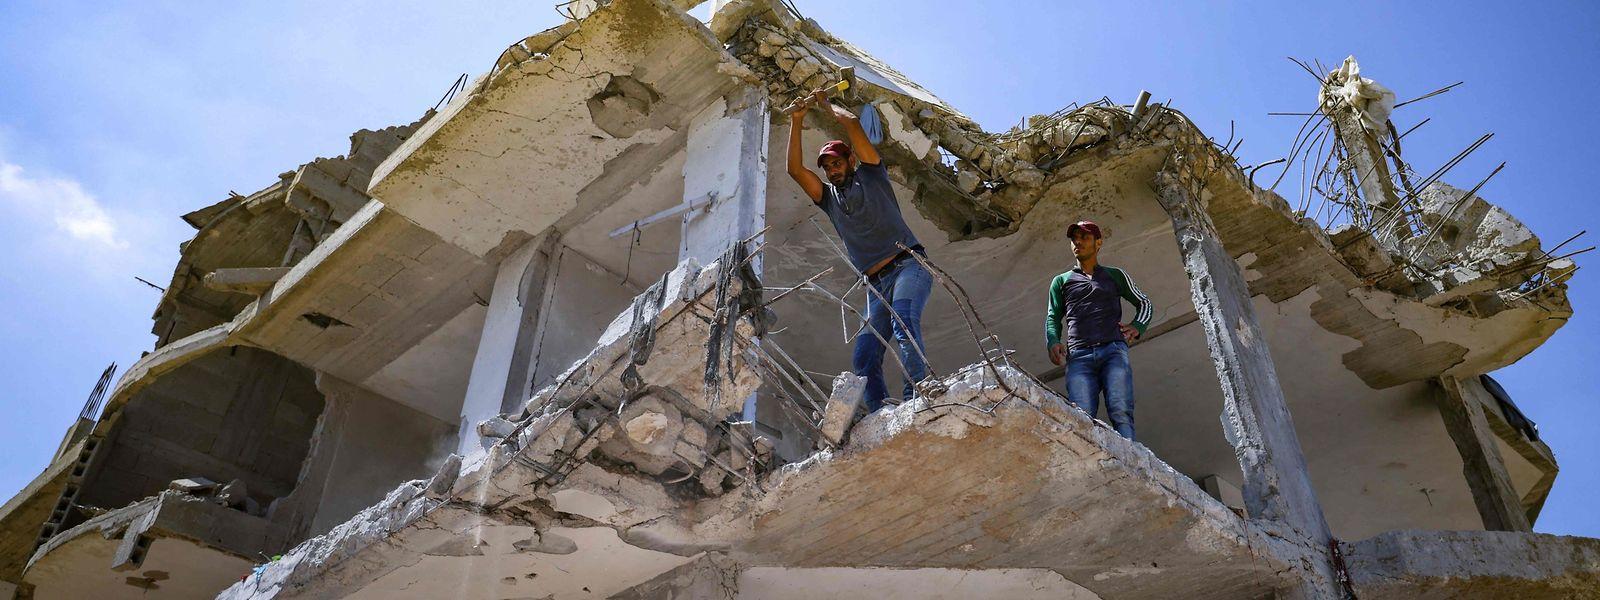 Die UNRWA braucht dringend Geld für den Wiederaufbau im Gazastreifen. Doch der UN-Hilfsorganisation für die palästinensischen Flüchtlinge gehen die finanziellen Mittel aus.